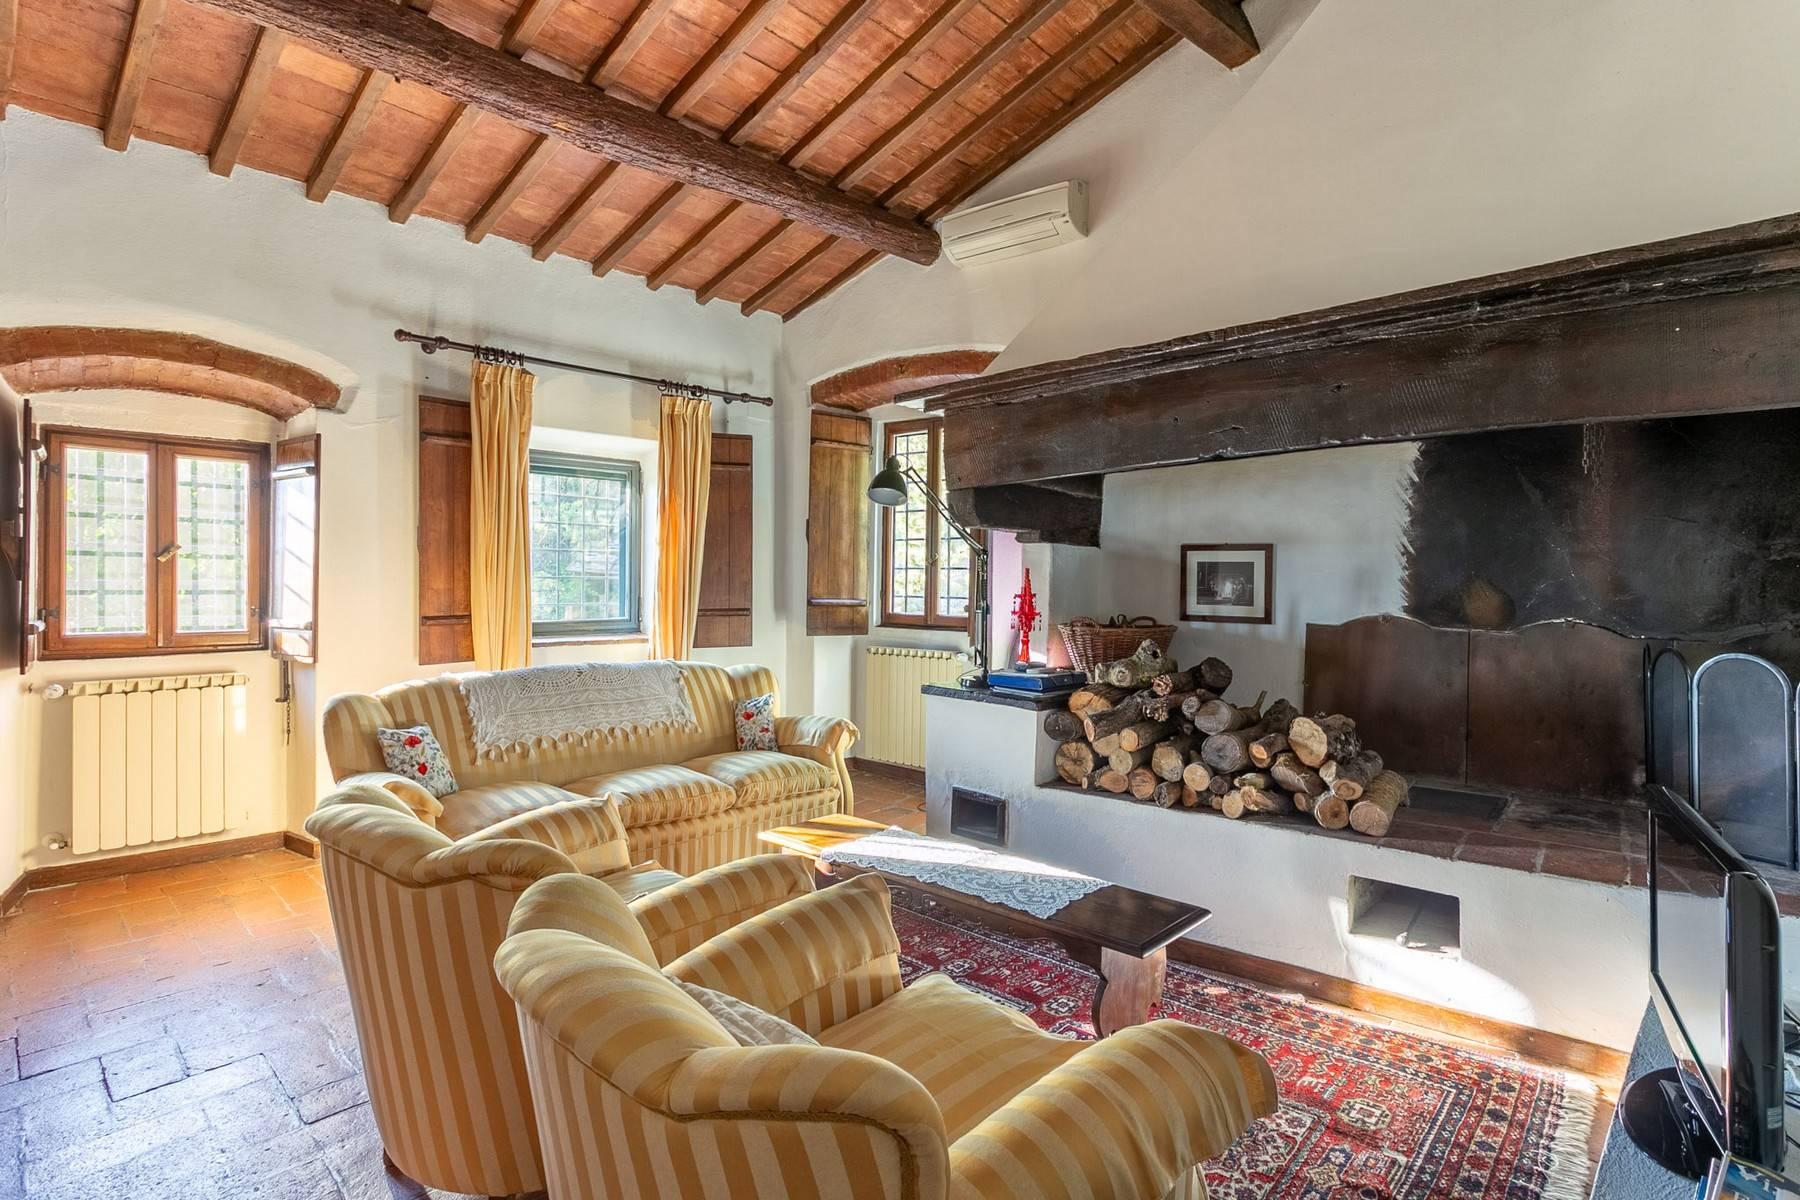 Villa in Vendita a Bagno A Ripoli: 5 locali, 240 mq - Foto 11